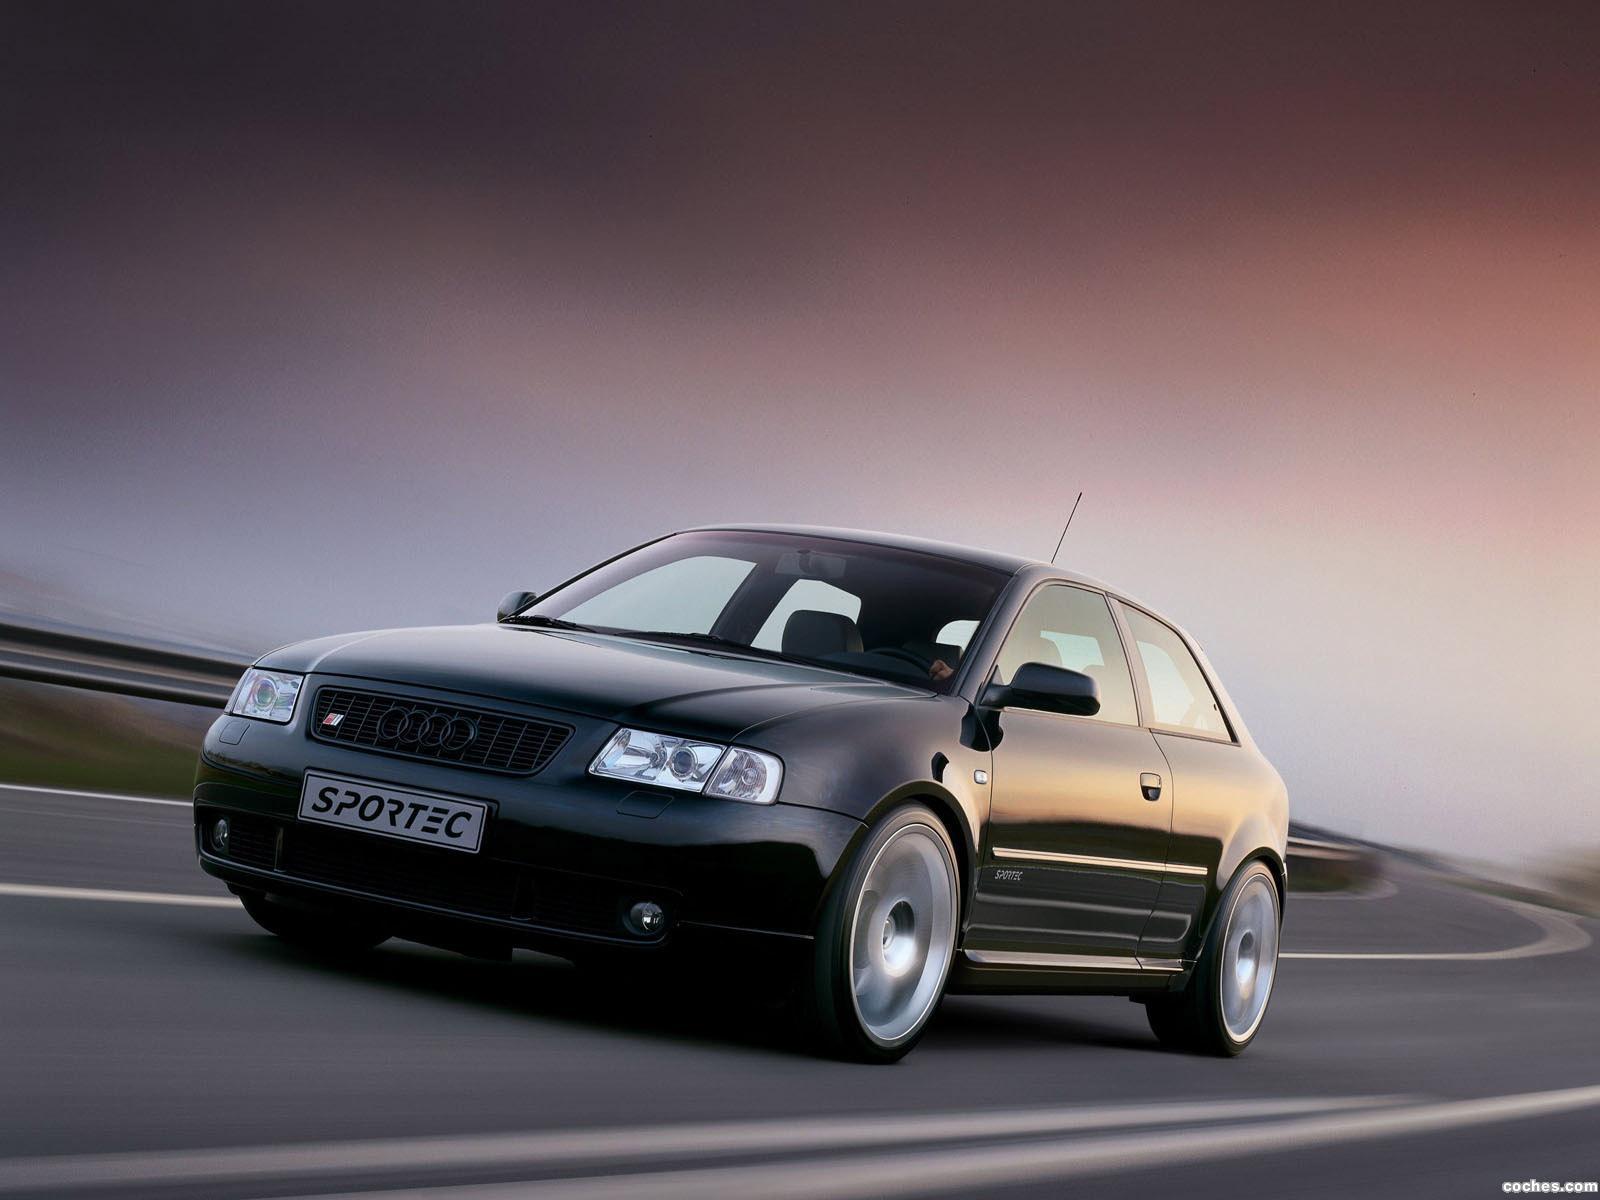 Foto 0 de Sportec Audi A3 8l 2011